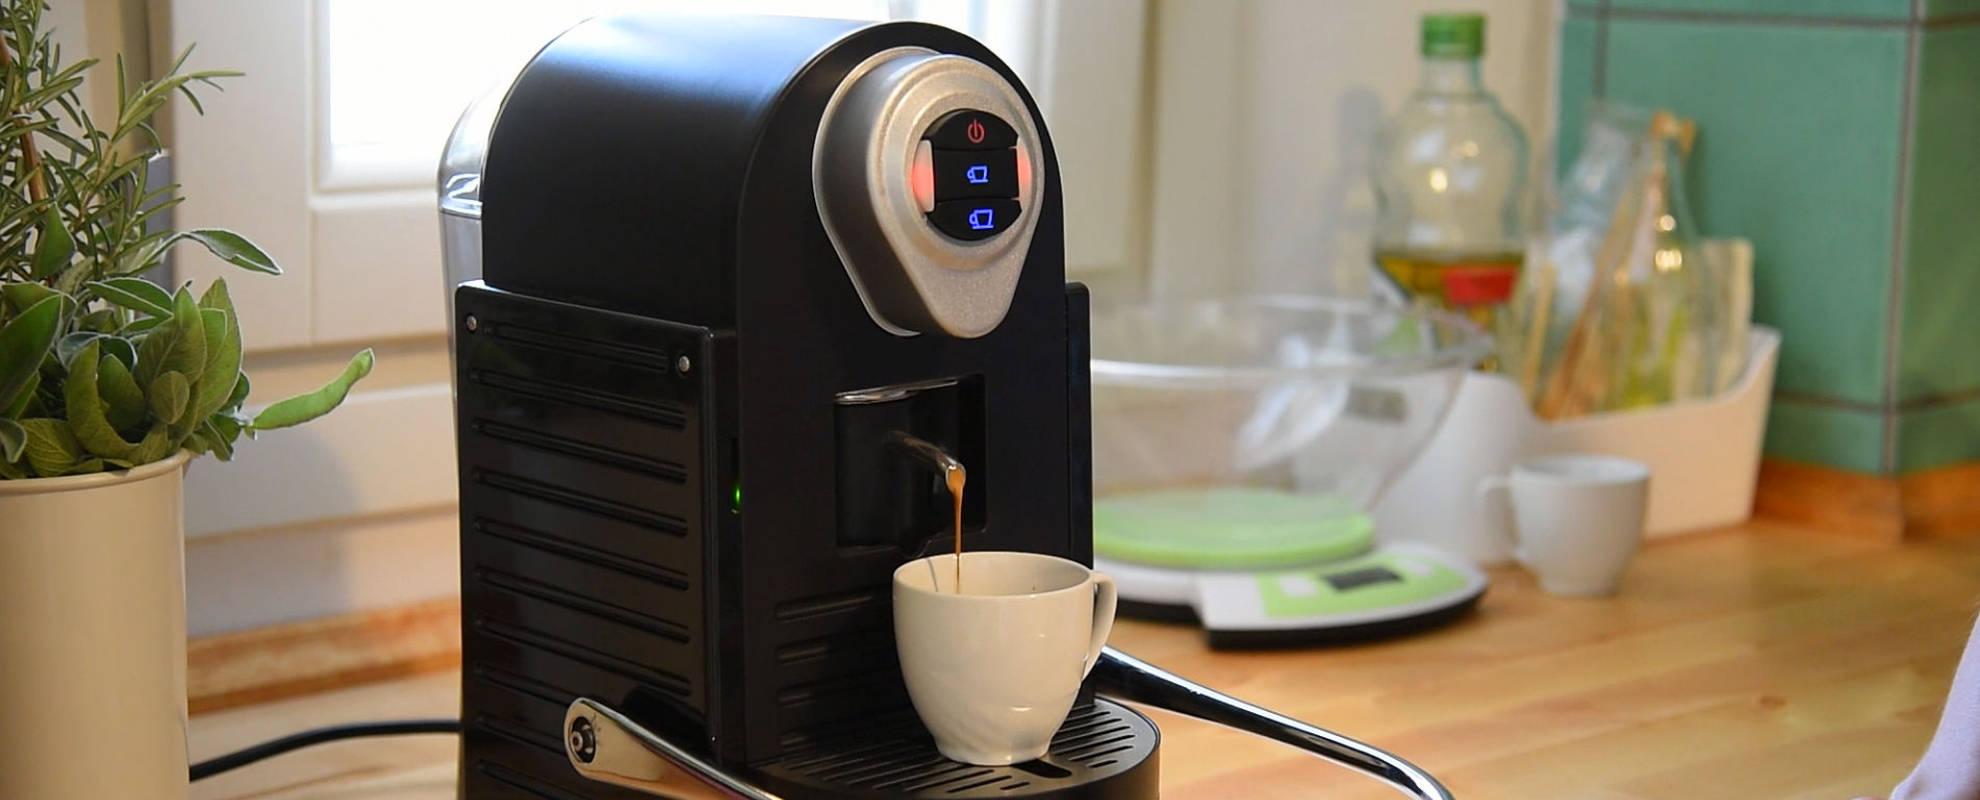 Panafè-macchine-per-il-caffè